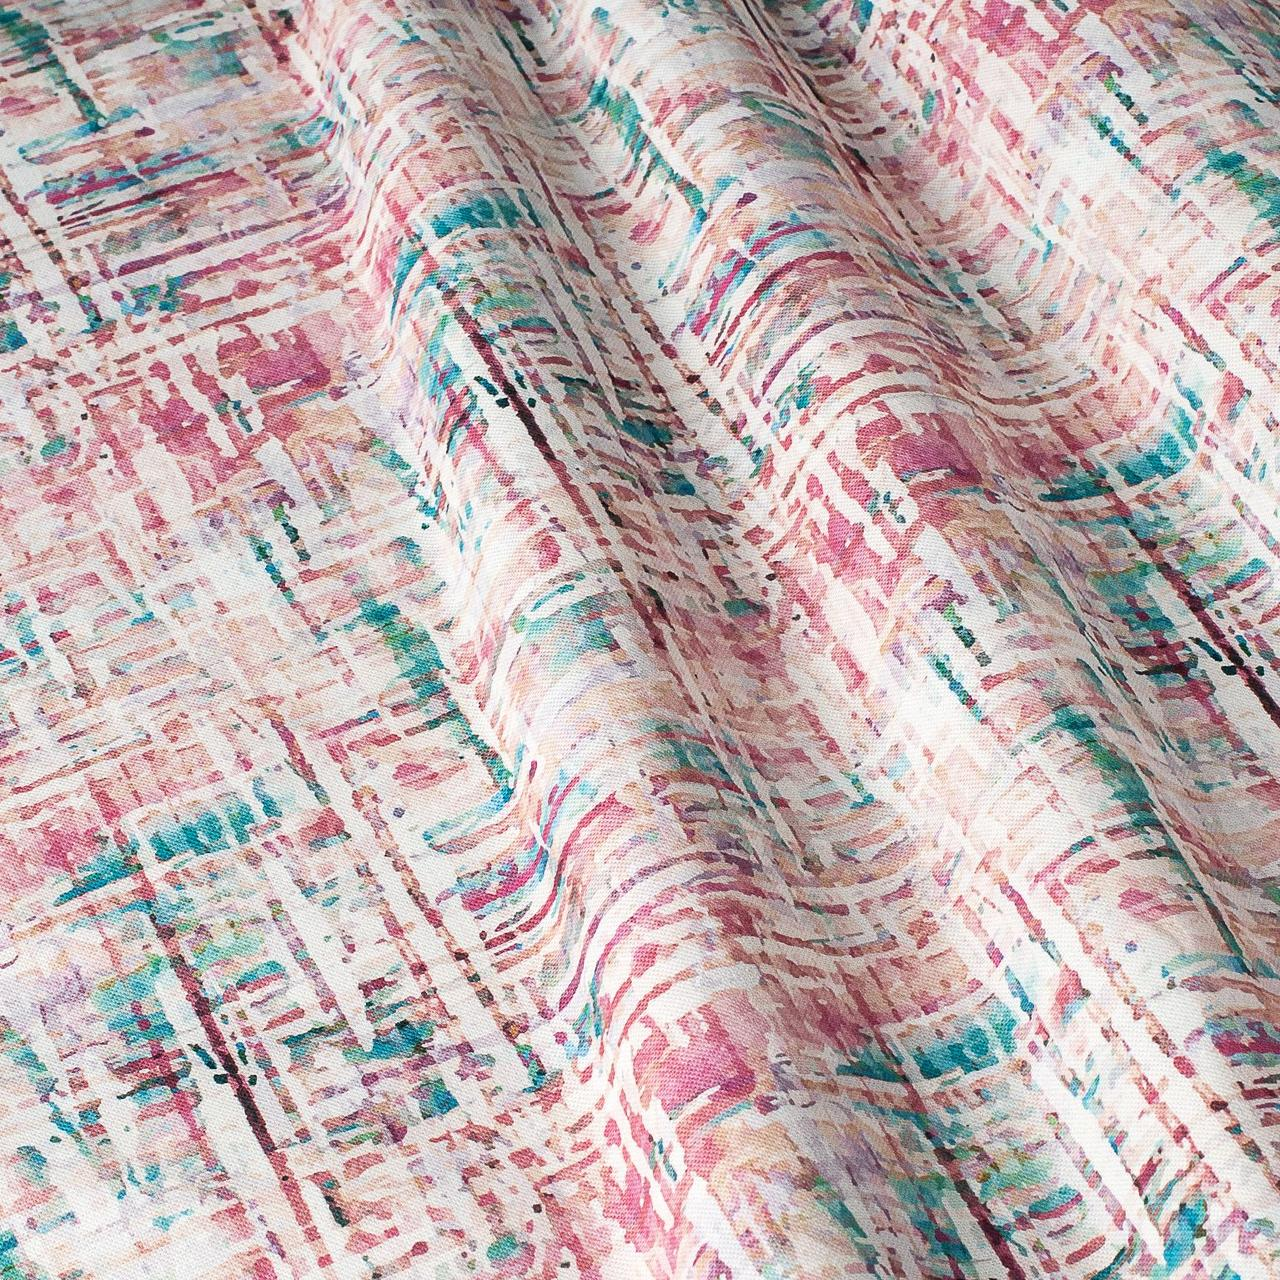 Декоративная ткань розовые и голубые полосы на белом фоне Испания 87880v7